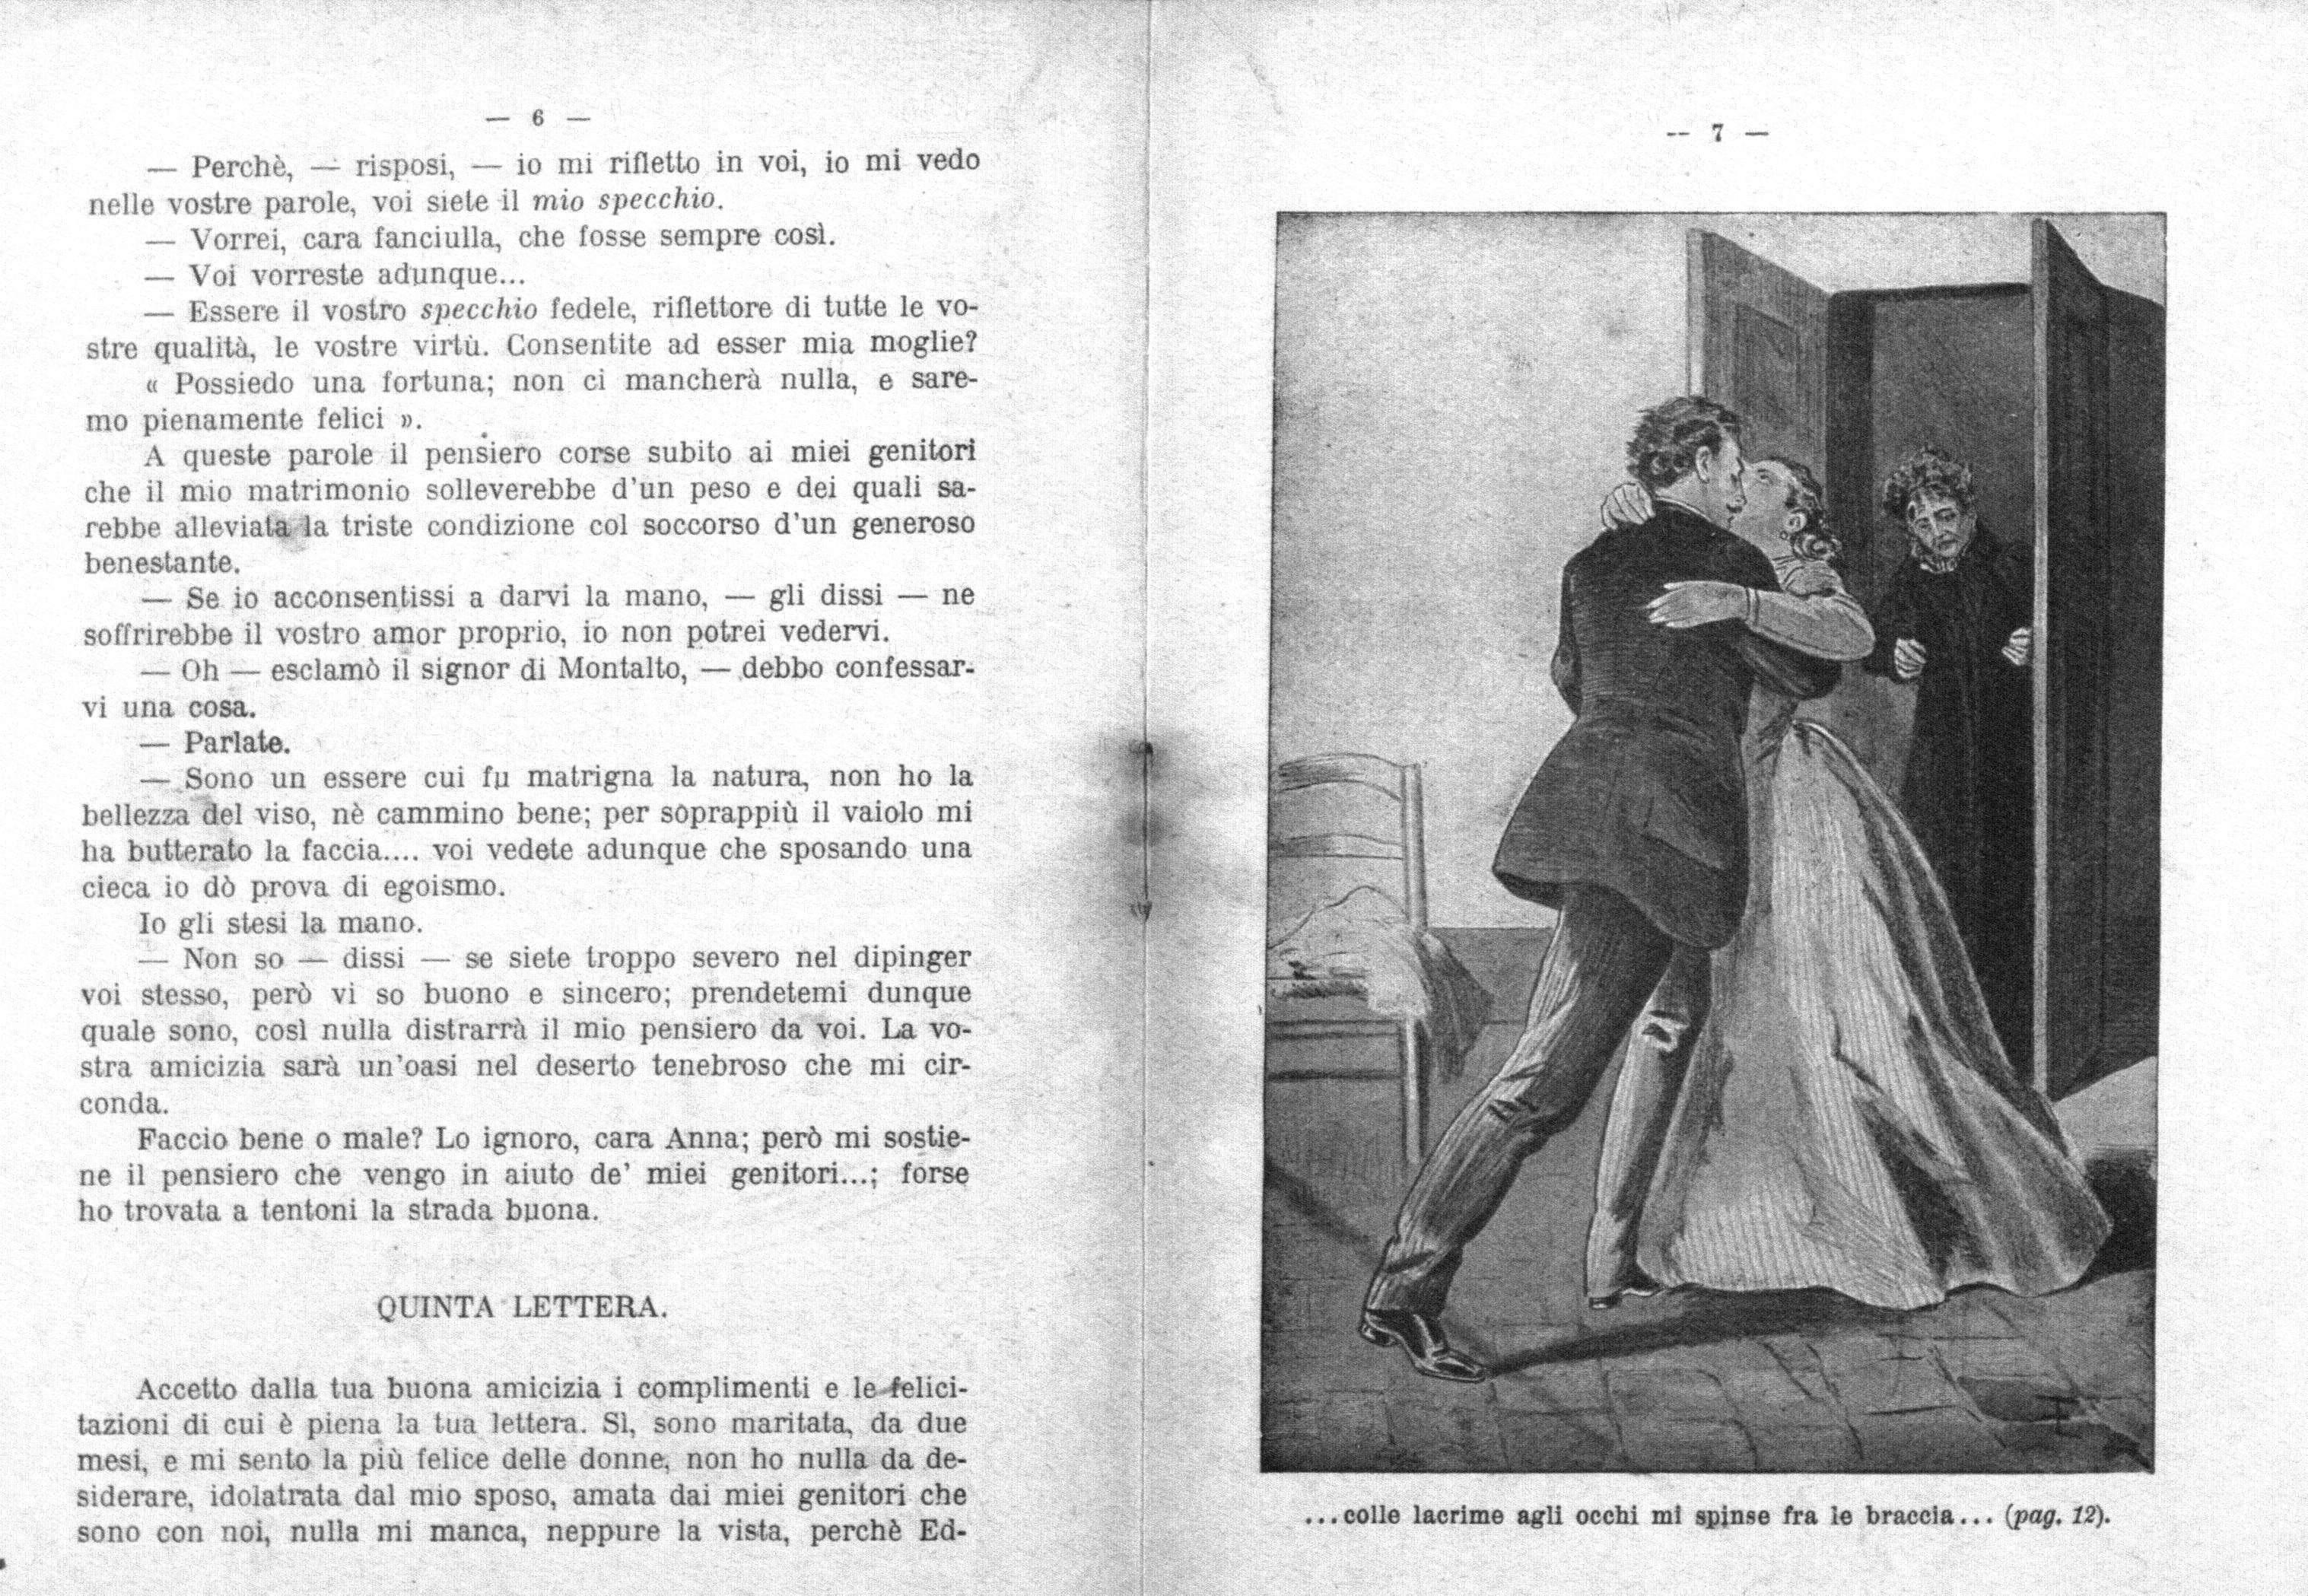 Emilio salgari ed e bertolini di maurizio sartor for Pellizza da volpedo lo specchio della vita